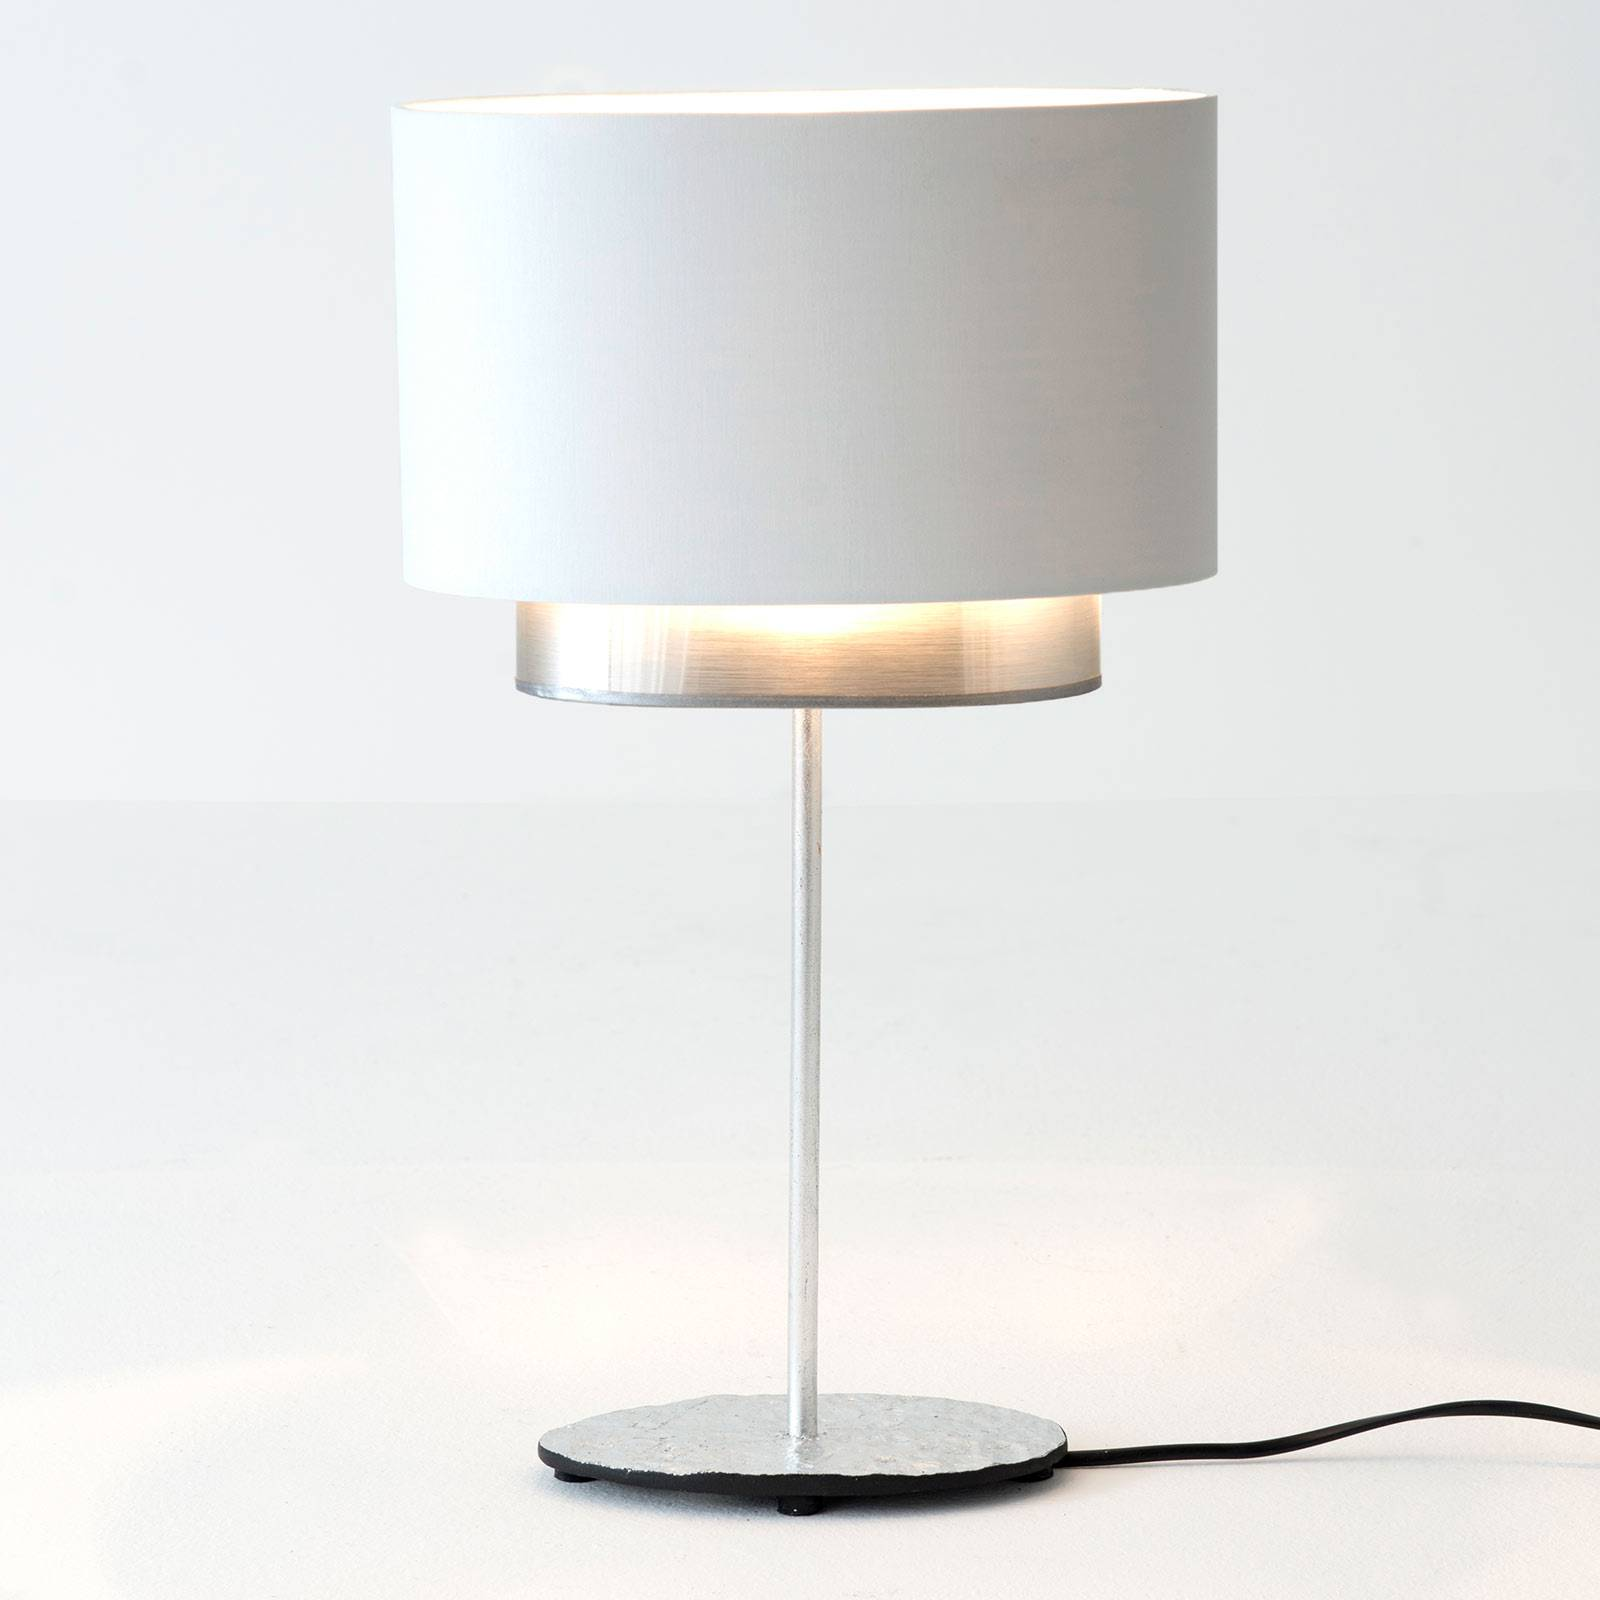 Pöytälamppu Mattia, ovaali, valkoinen/hopea